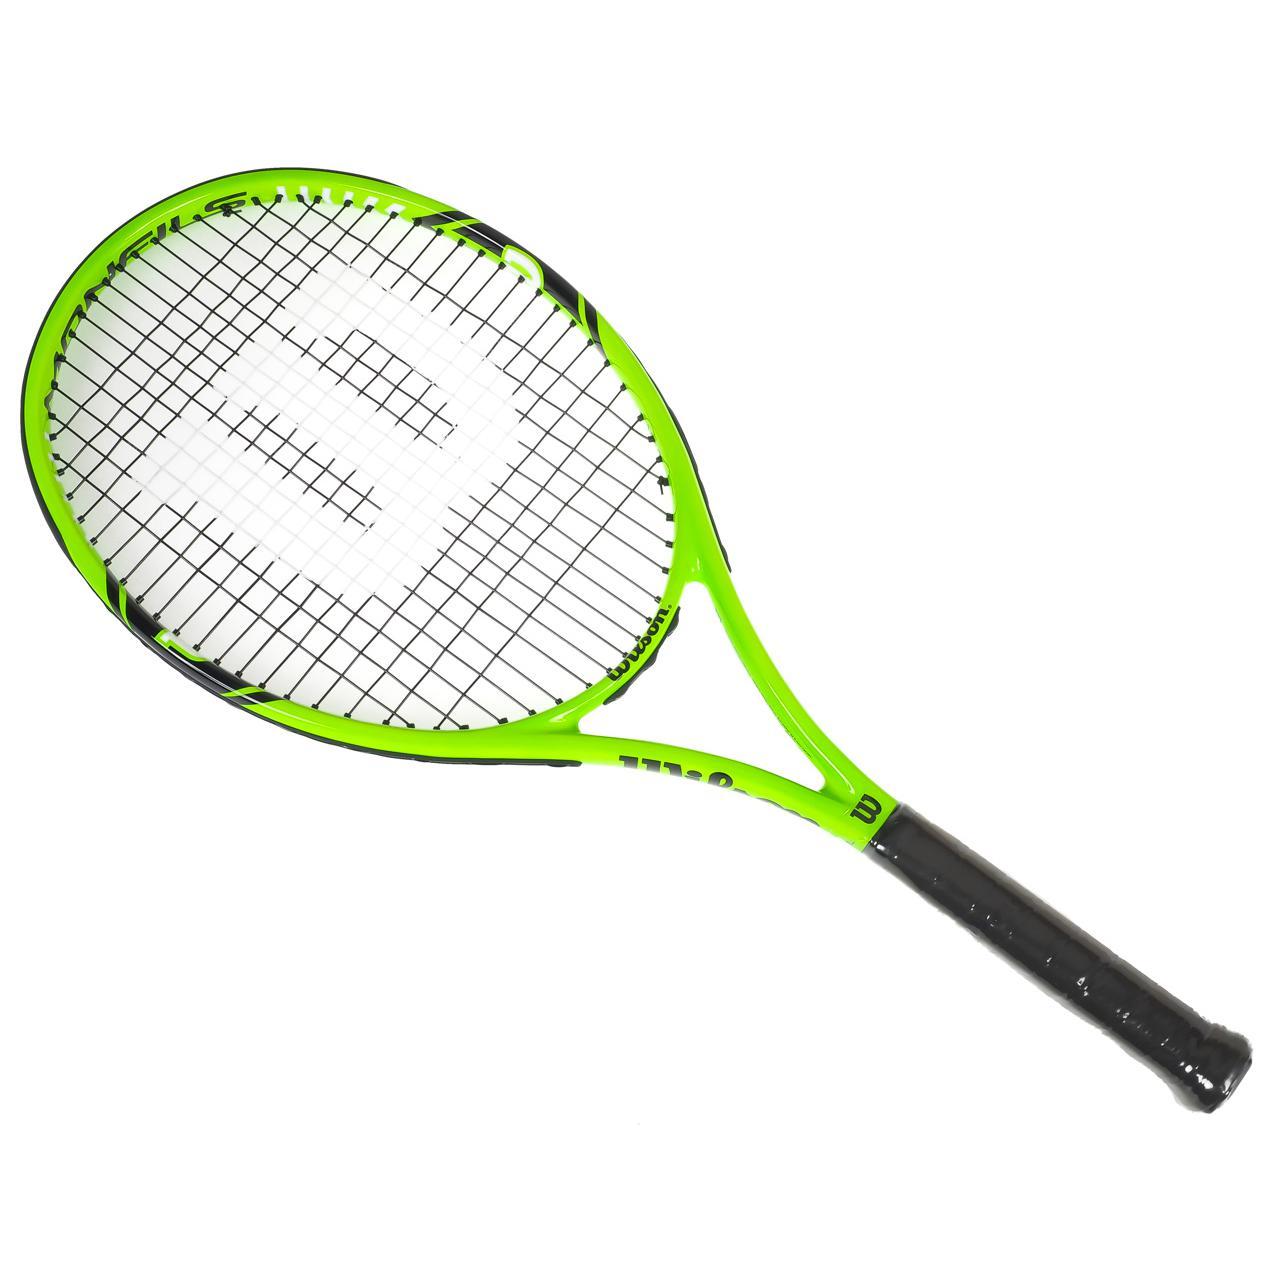 raquette de tennis wilson monfils 100 rkt vert 71066. Black Bedroom Furniture Sets. Home Design Ideas